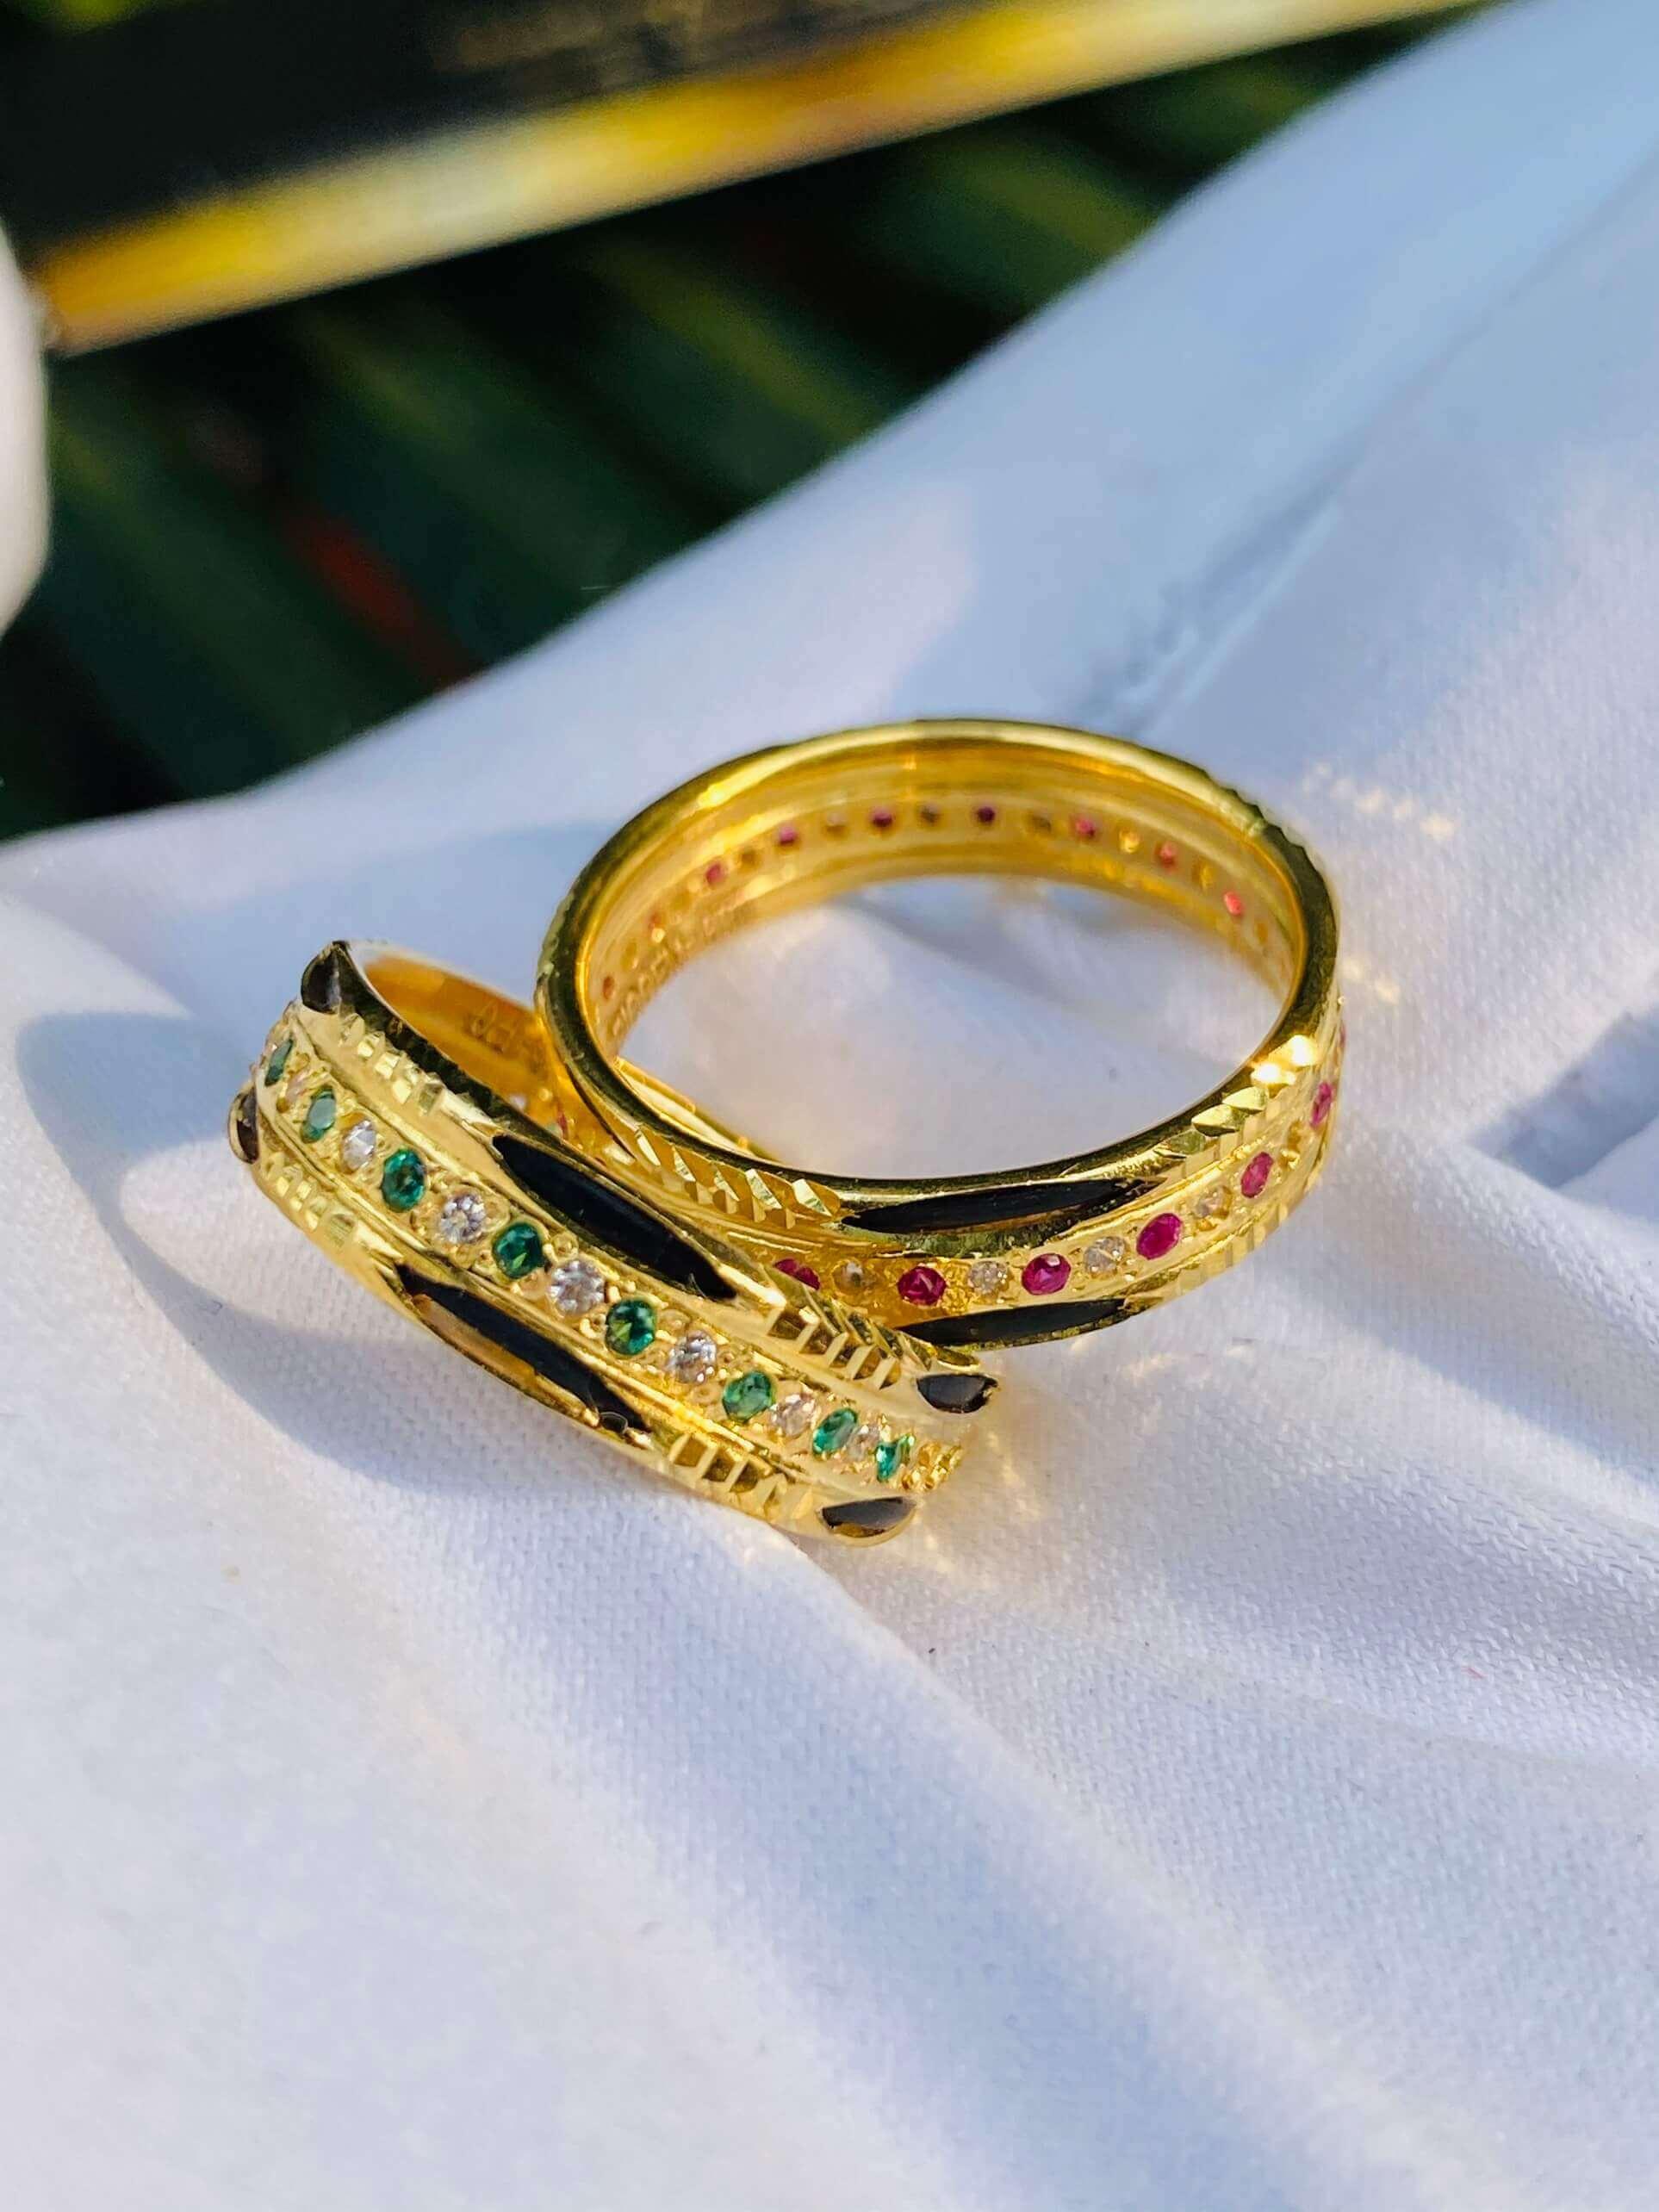 Nhẫn vàng luồng 2 Lông 1 hàng đá xen kẽ (lông FAKE) độc đáo